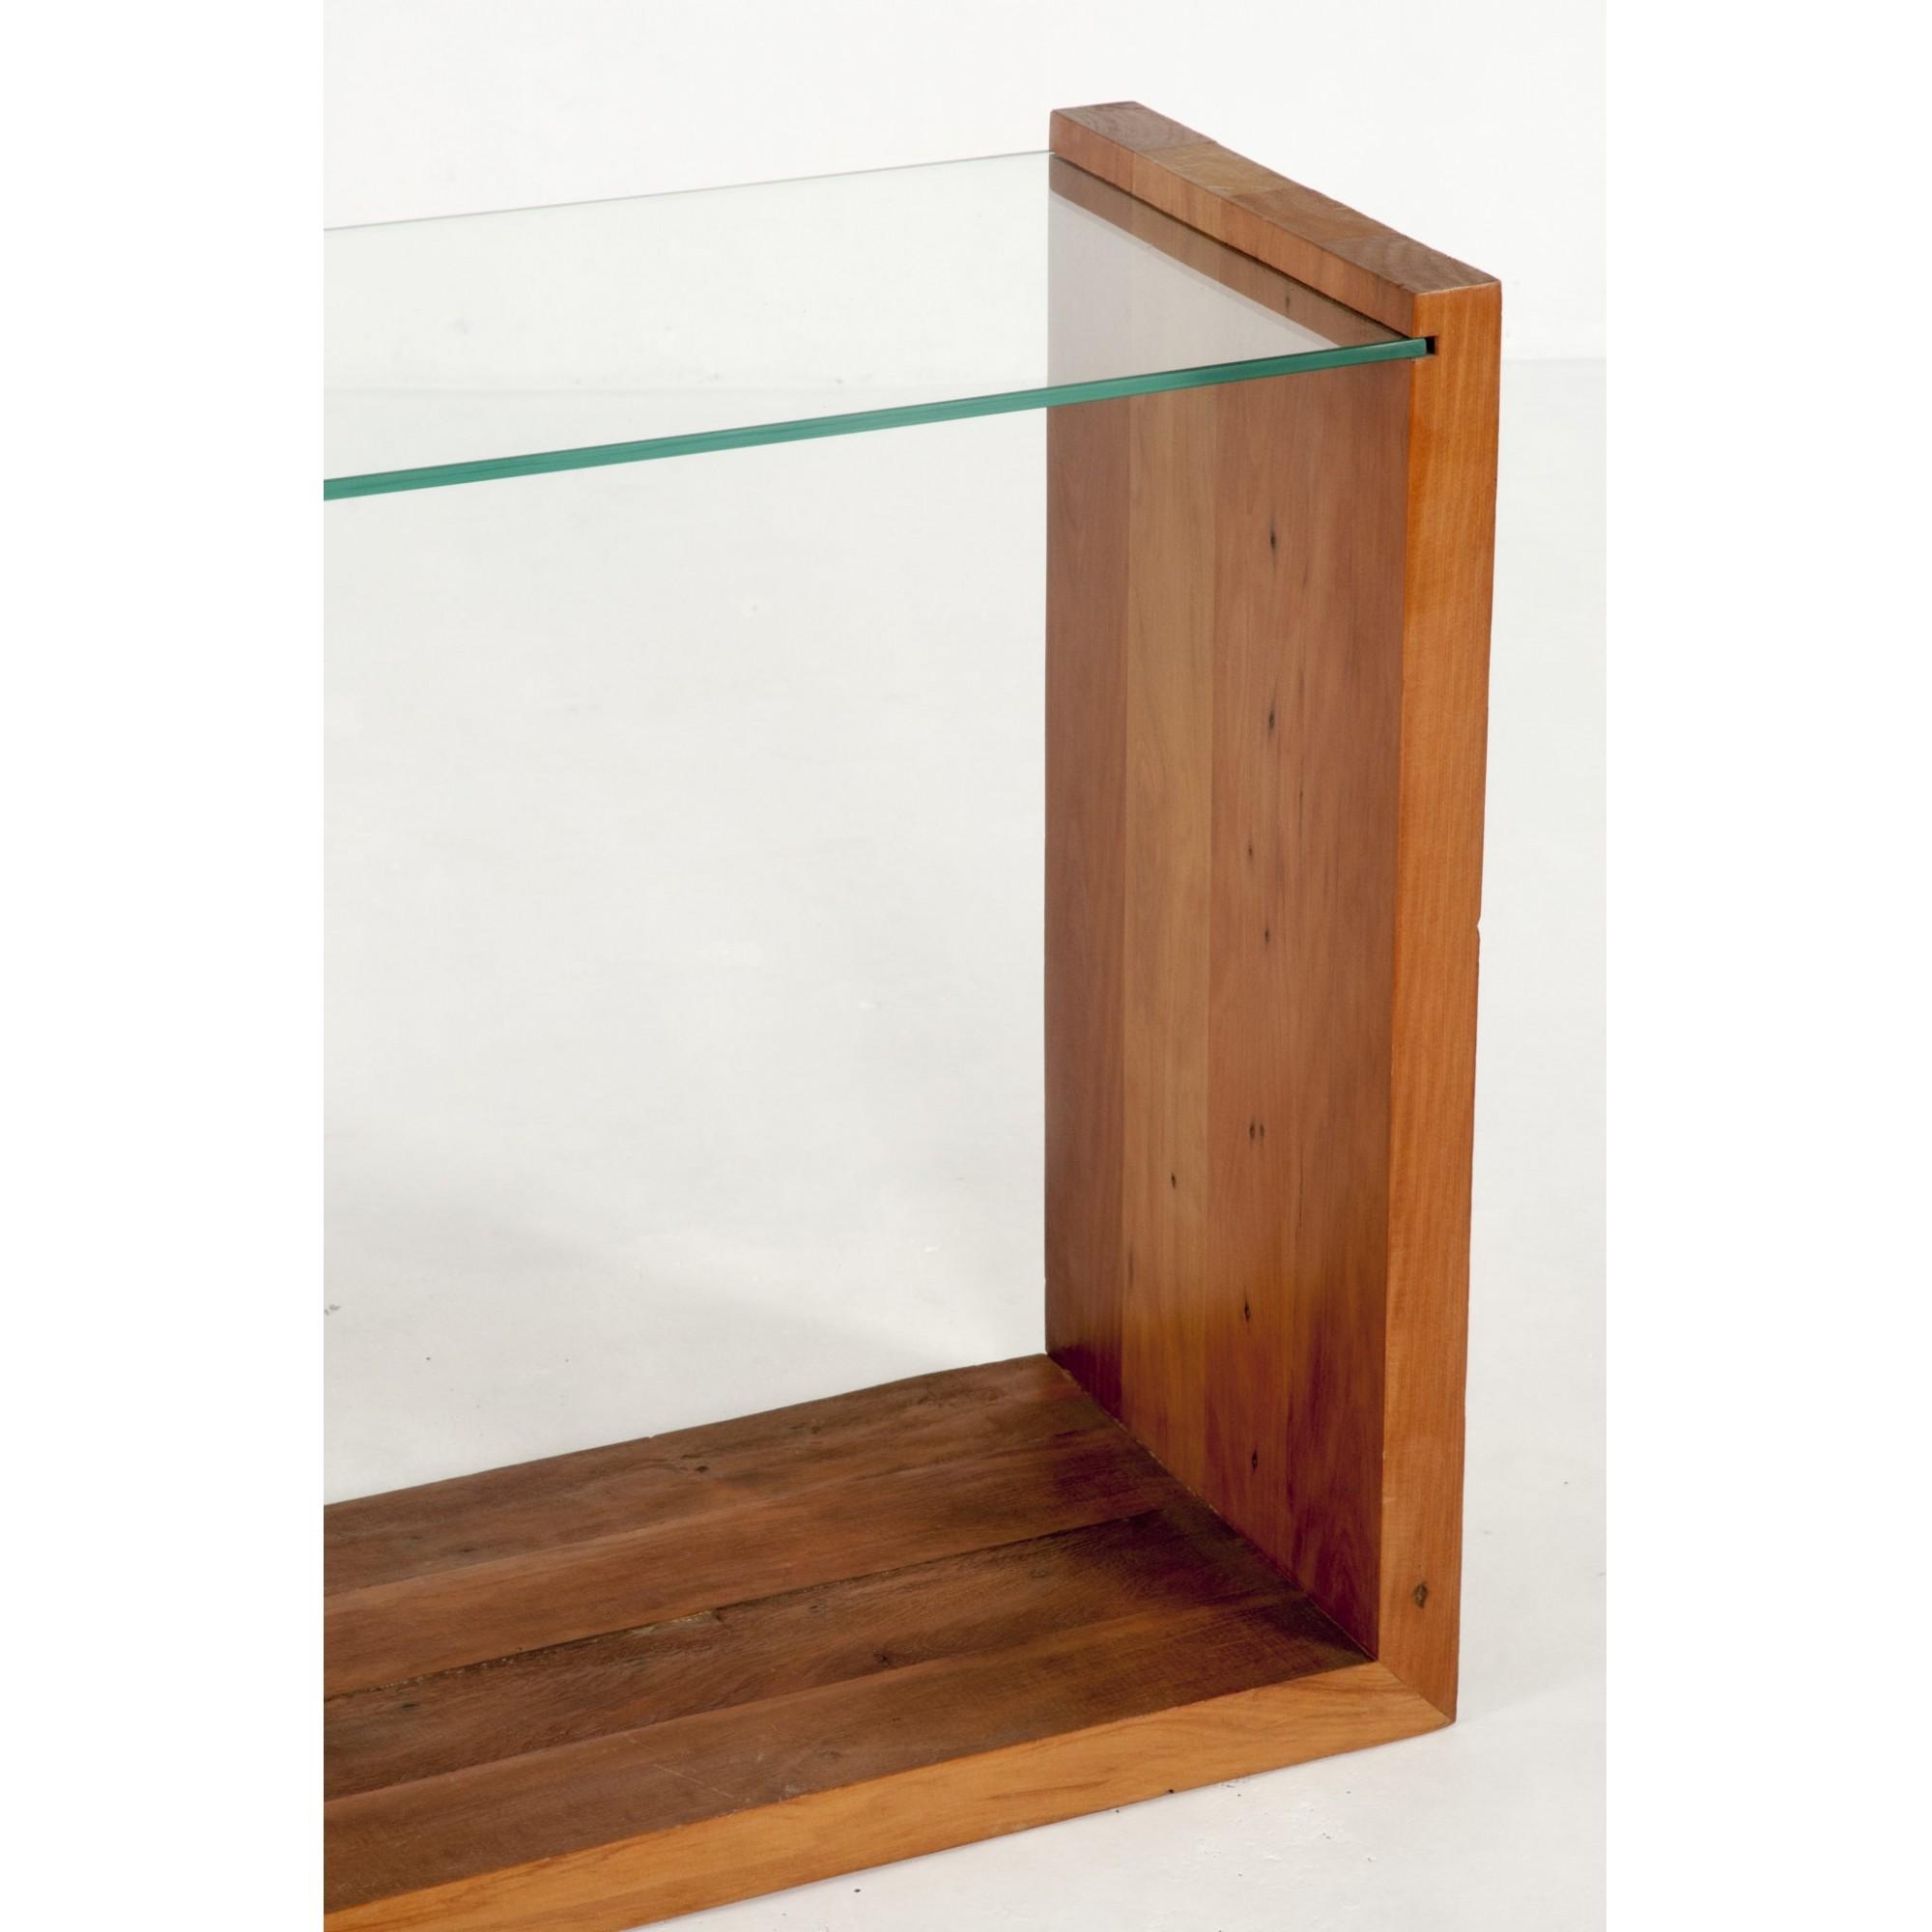 Ml viga u tampo de vidro 10 mm com rodízios